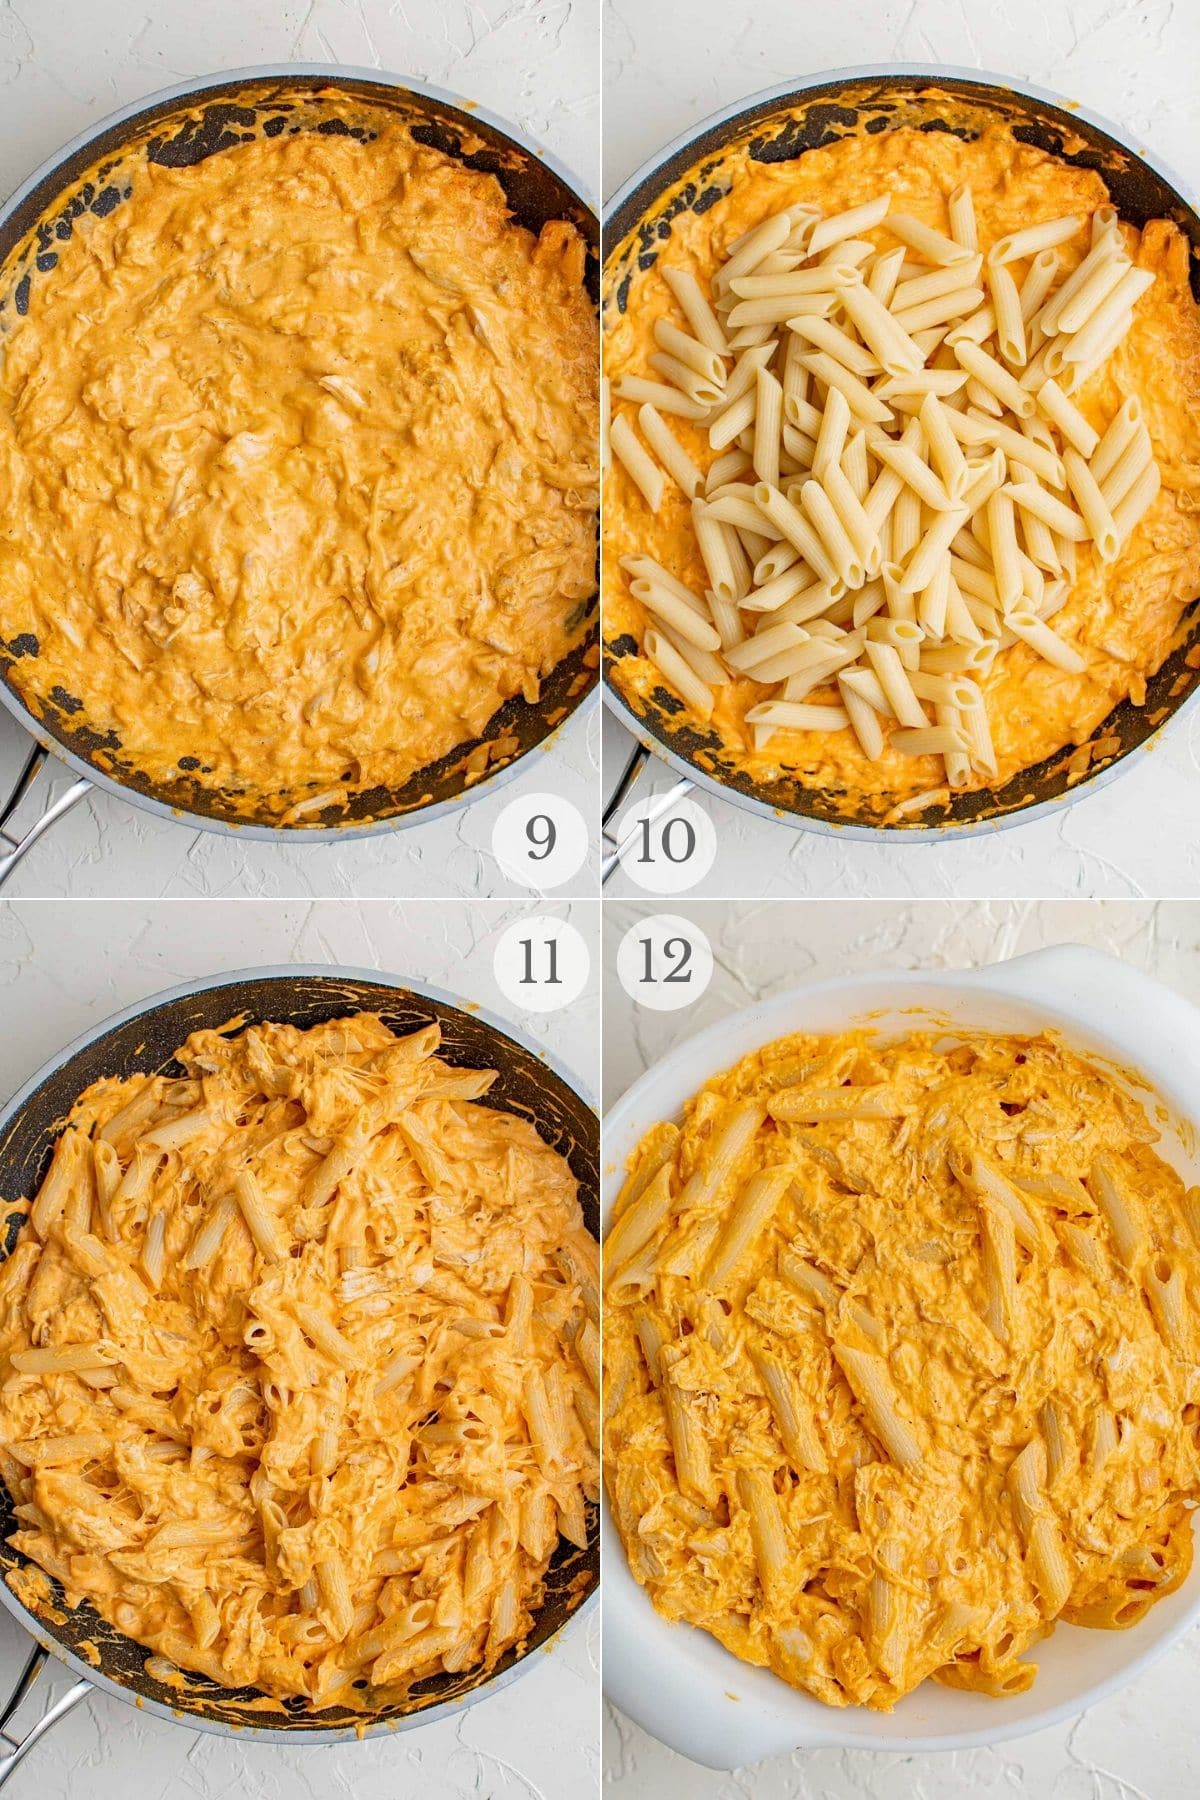 buffalo chicken pasta recipe steps 9-12